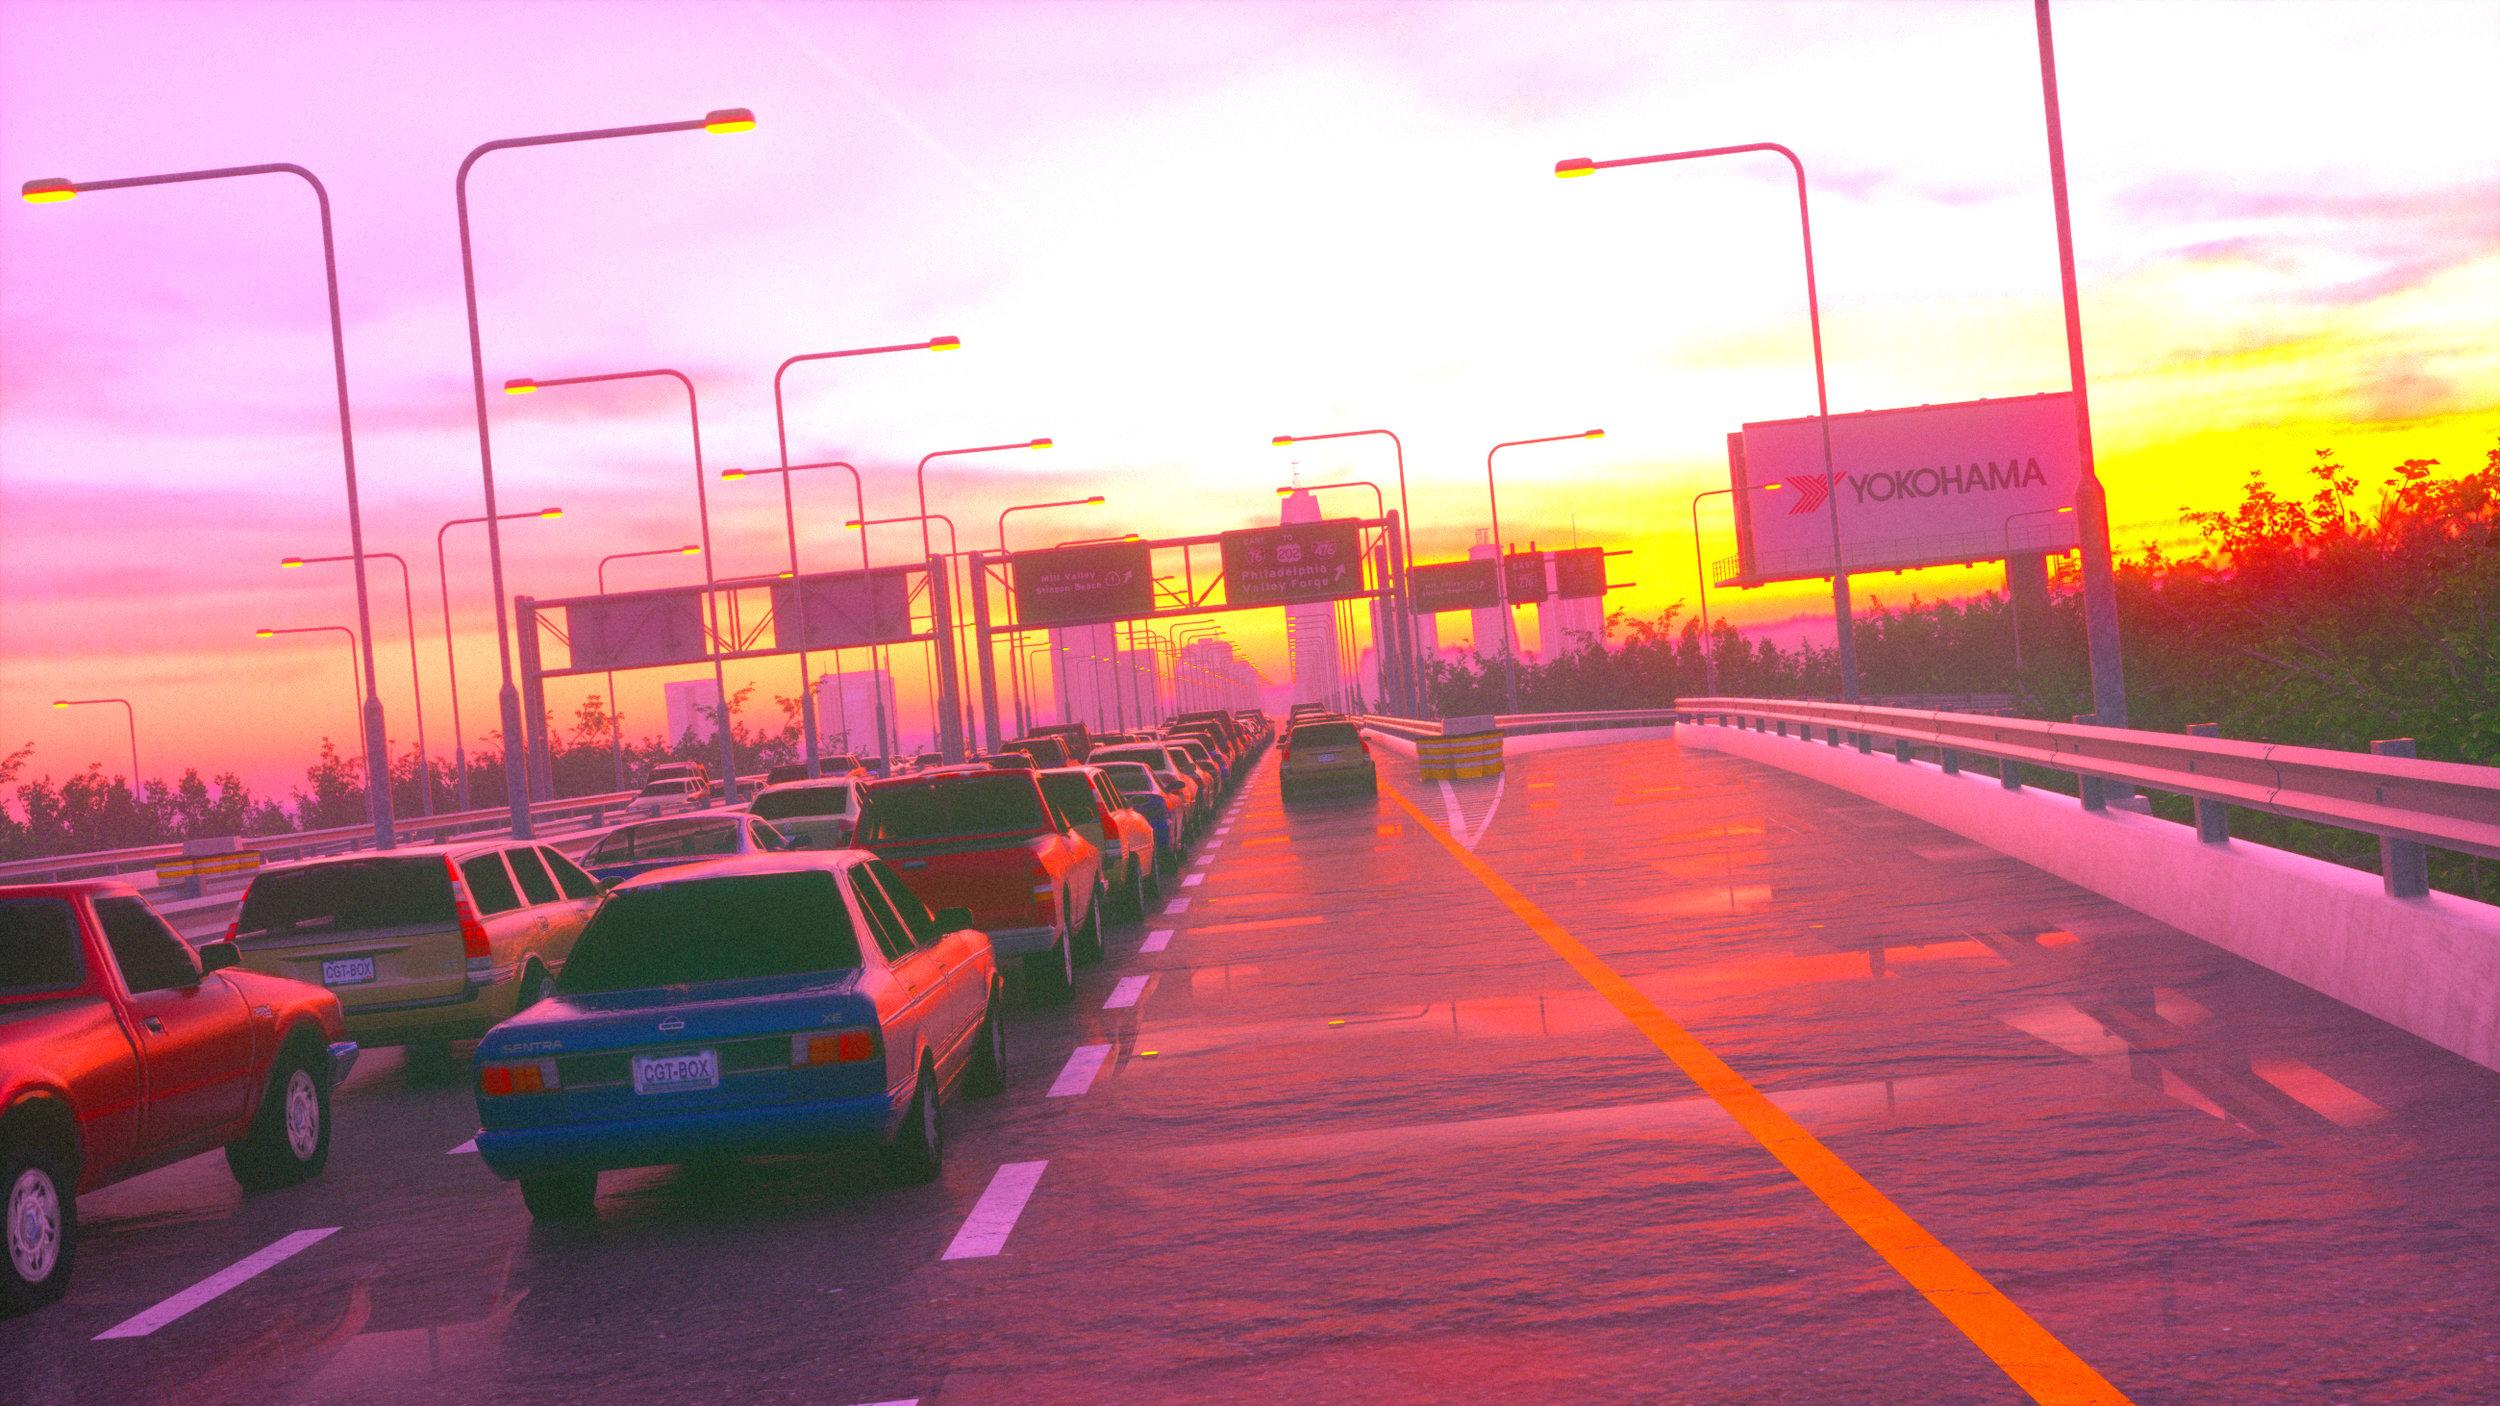 YOKOHAMA HIGHWAY SCENE_04_INTERIOR_V3_06 (0-00-00-00).jpg